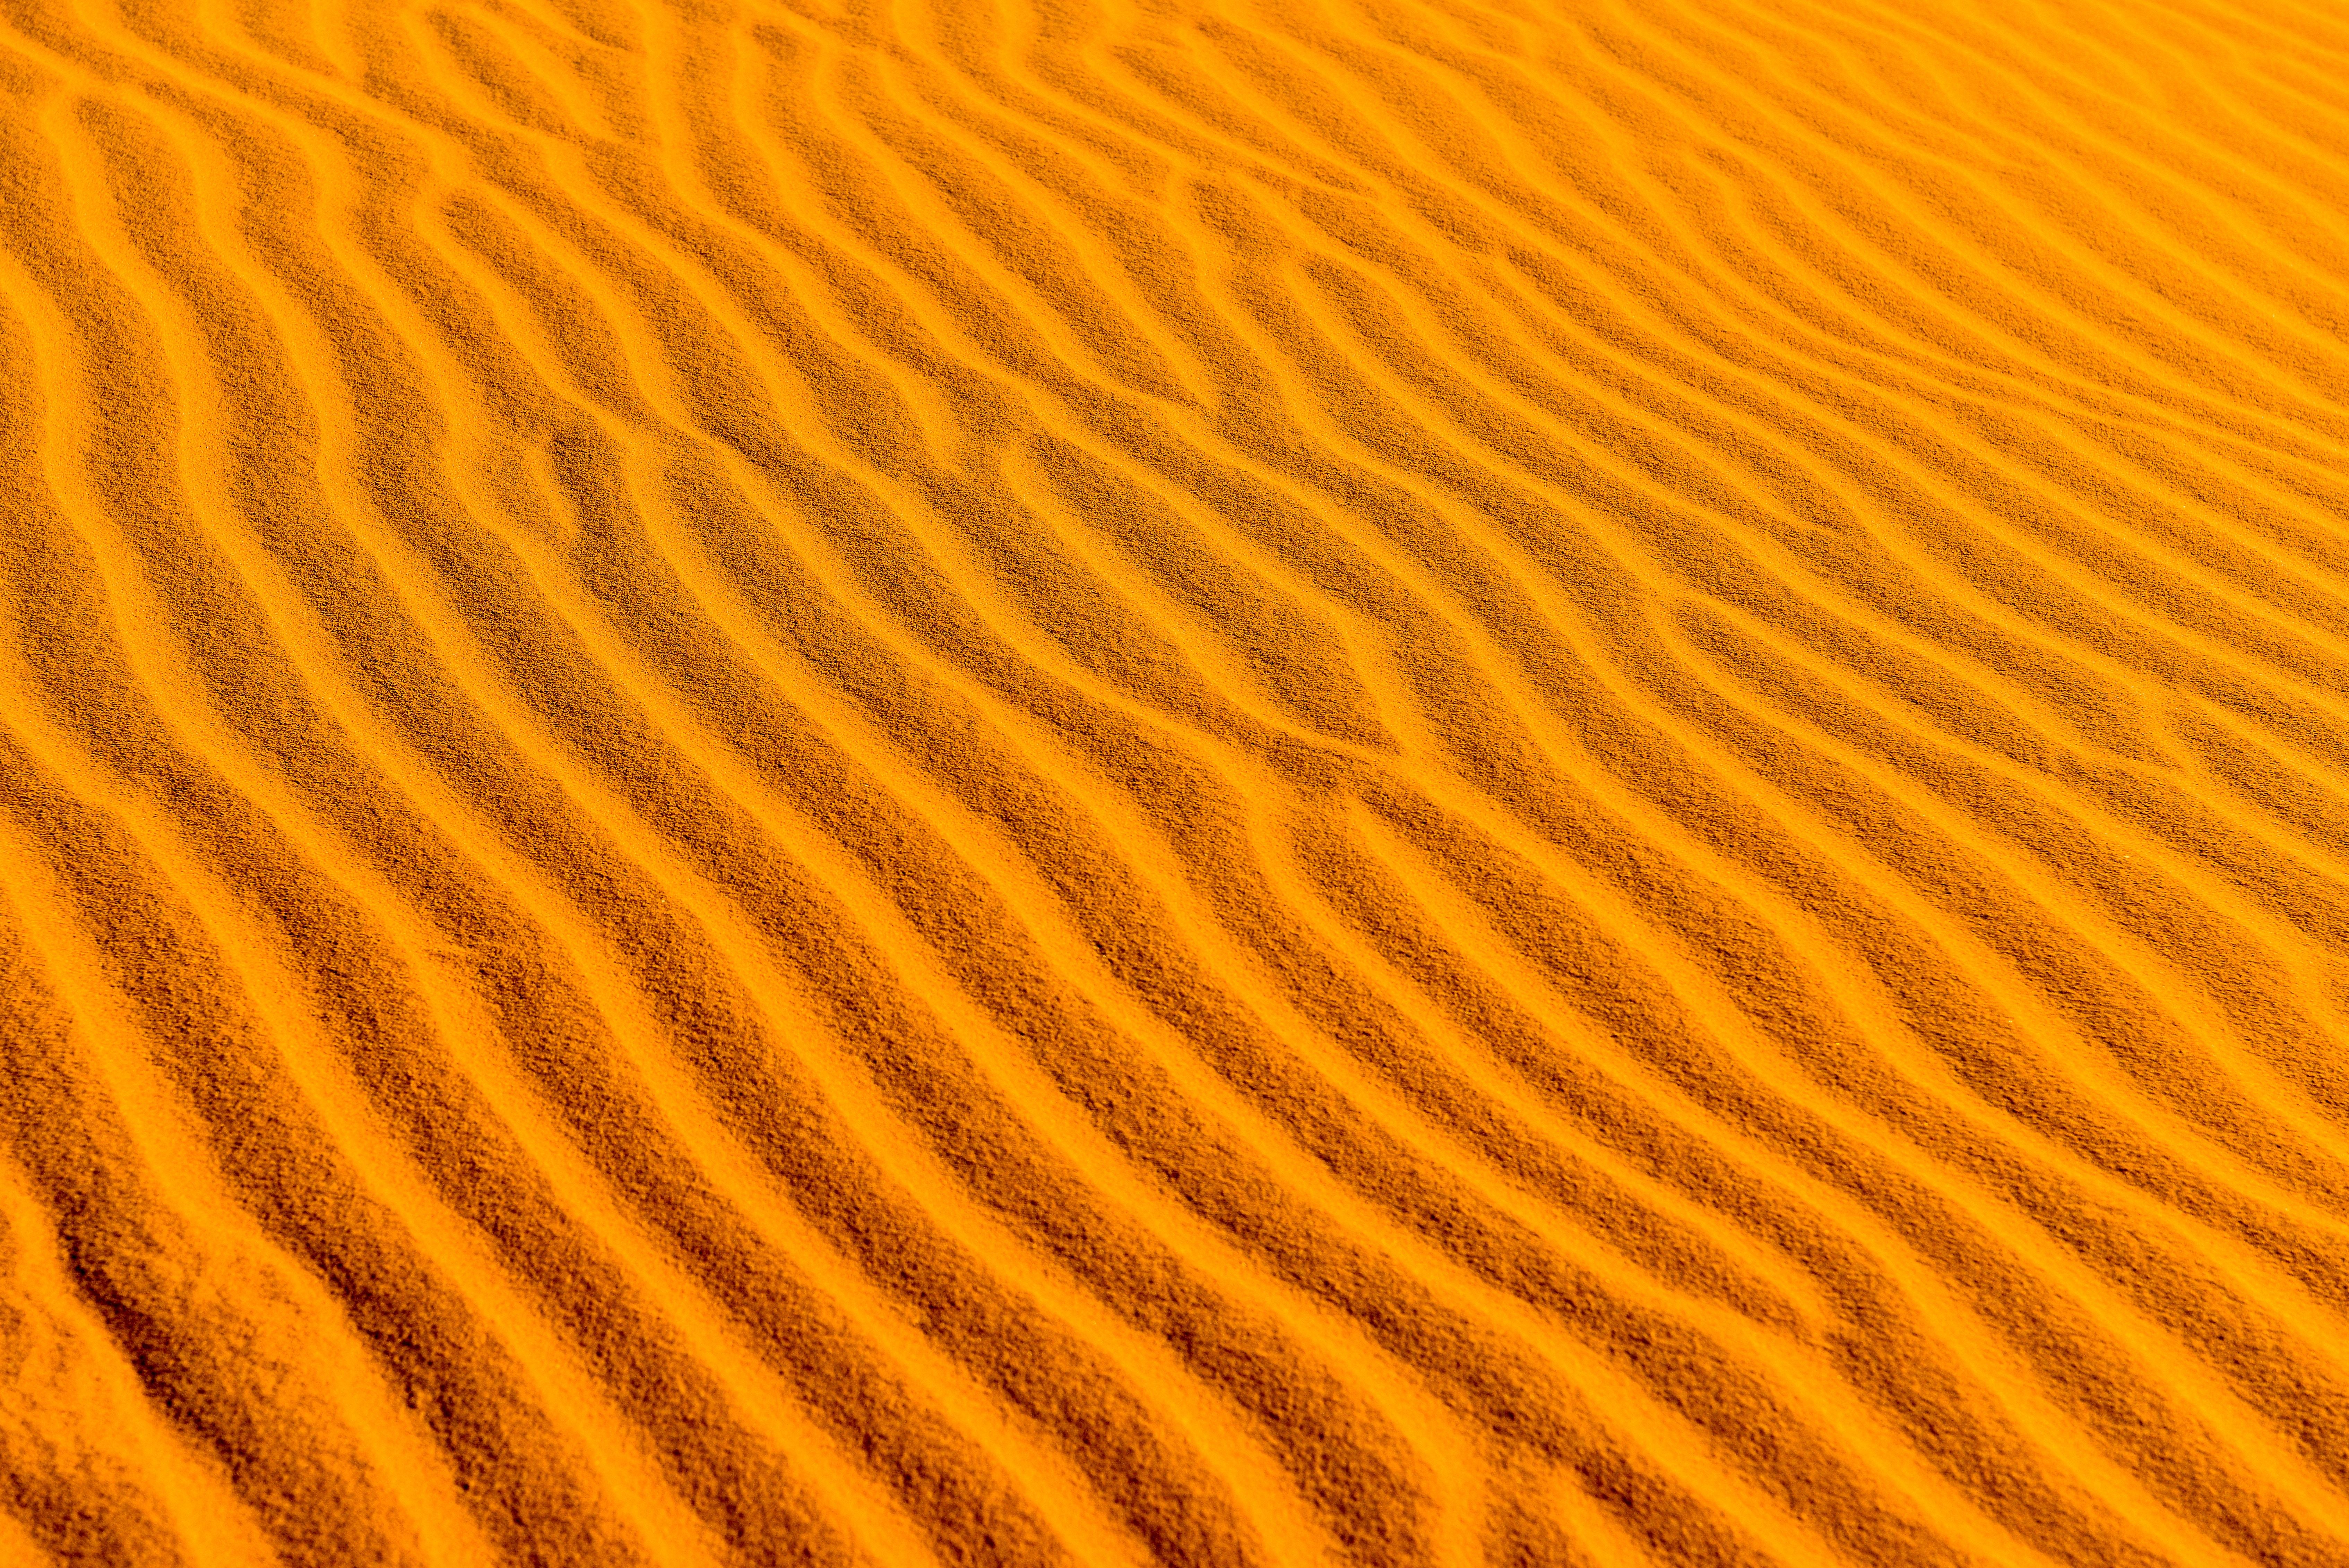 120778 Заставки и Обои Пустыня на телефон. Скачать Текстура, Текстуры, Песок, Пустыня, Волнистый картинки бесплатно